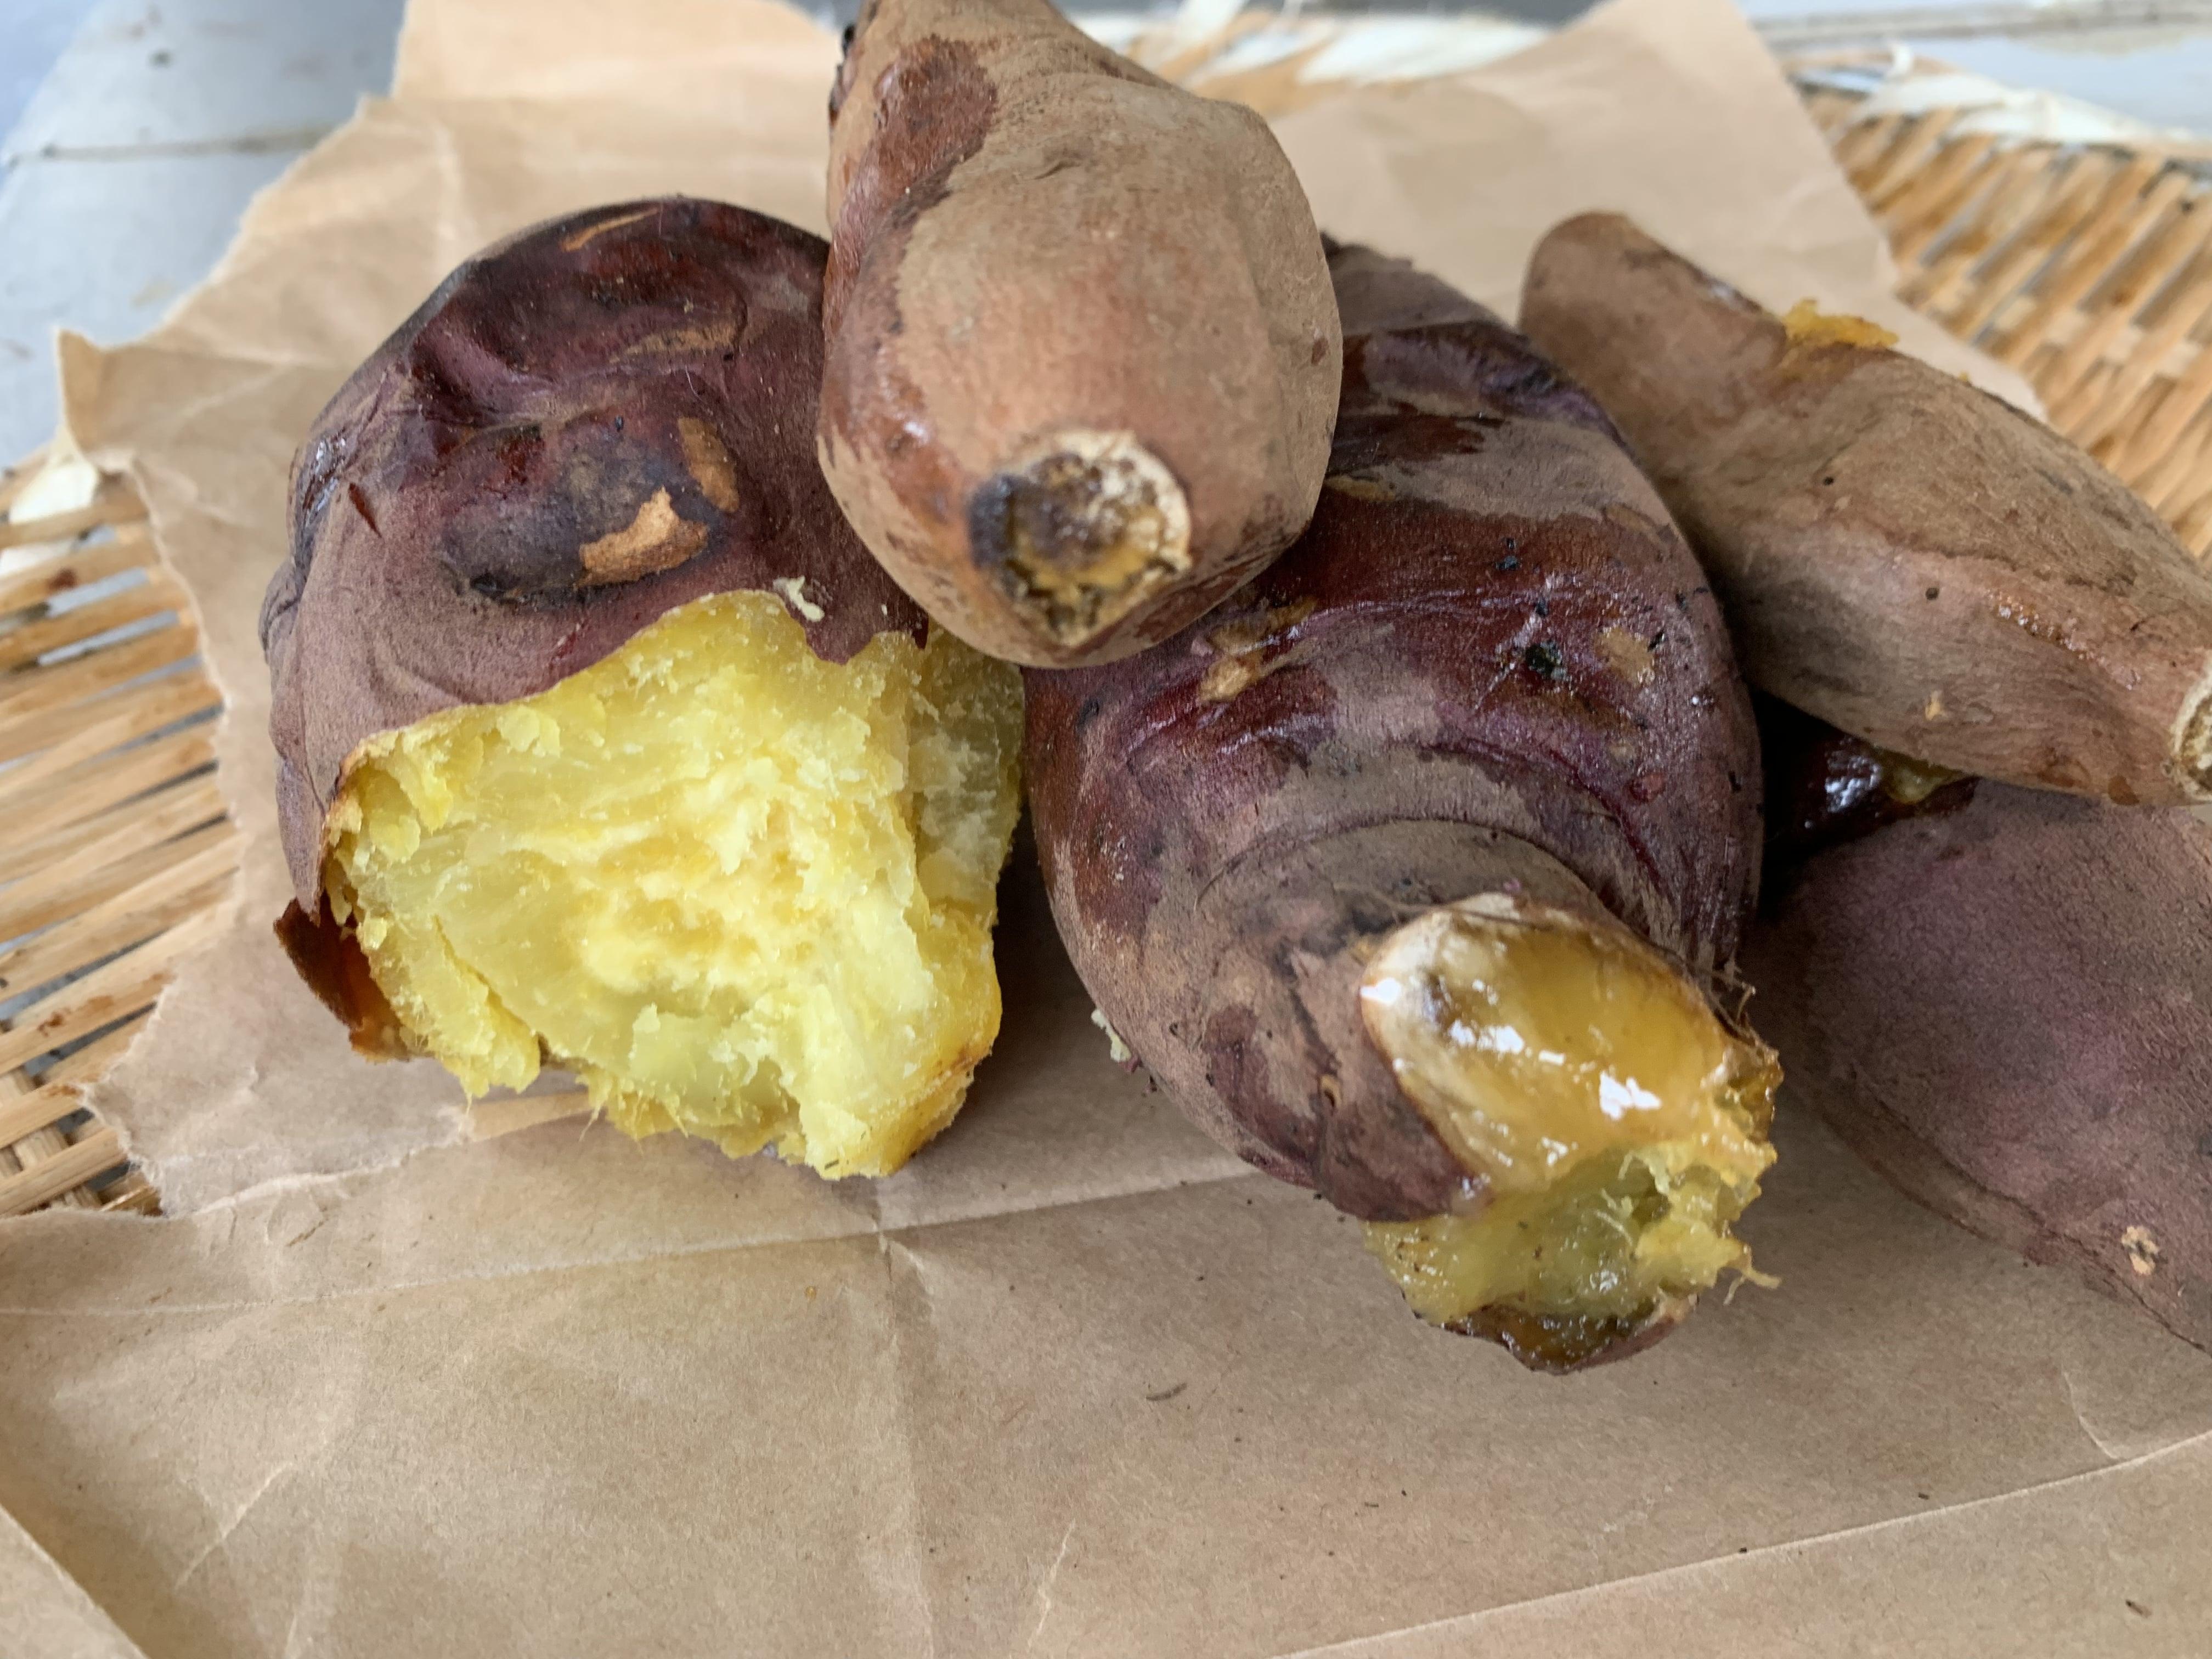 7/18(木)【さいたま市体験会・子連れOK】焼き芋を焼いてみよう!好きなことで複(副)業したいお茶会のイメージその3